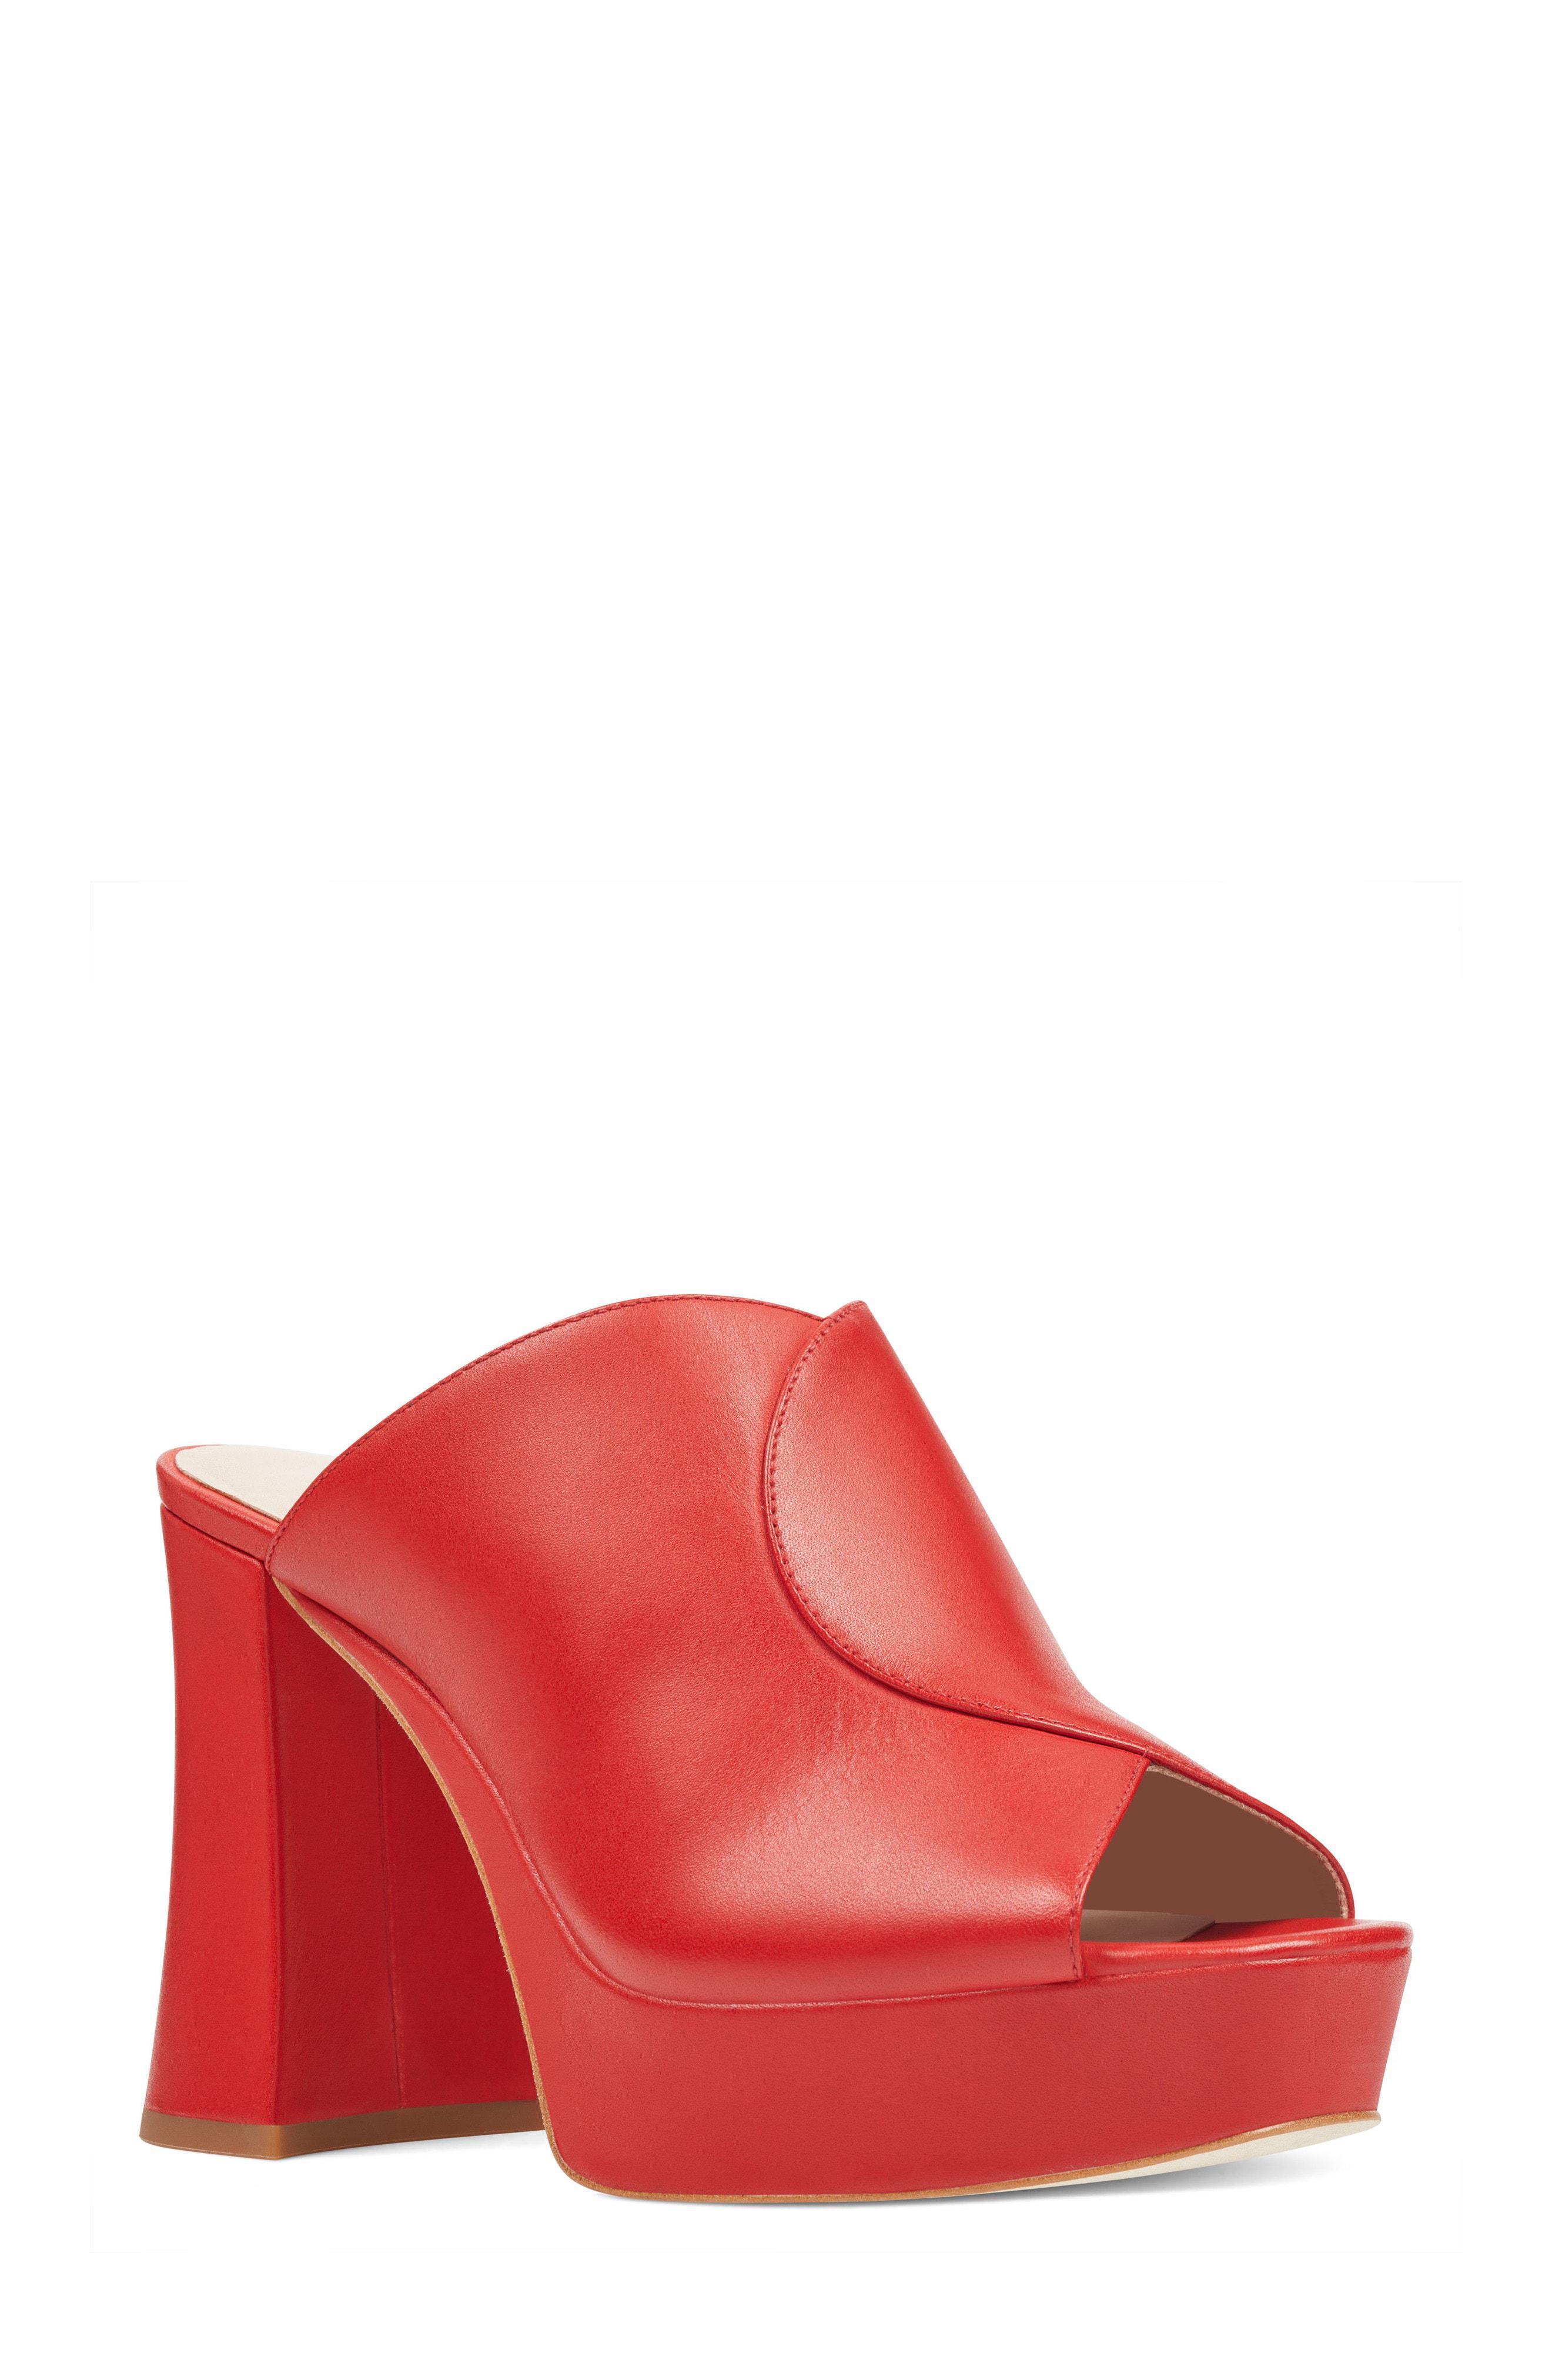 c84c8b6089a3 Lyst - Nine West Lisana Platform Slide Sandal in Red